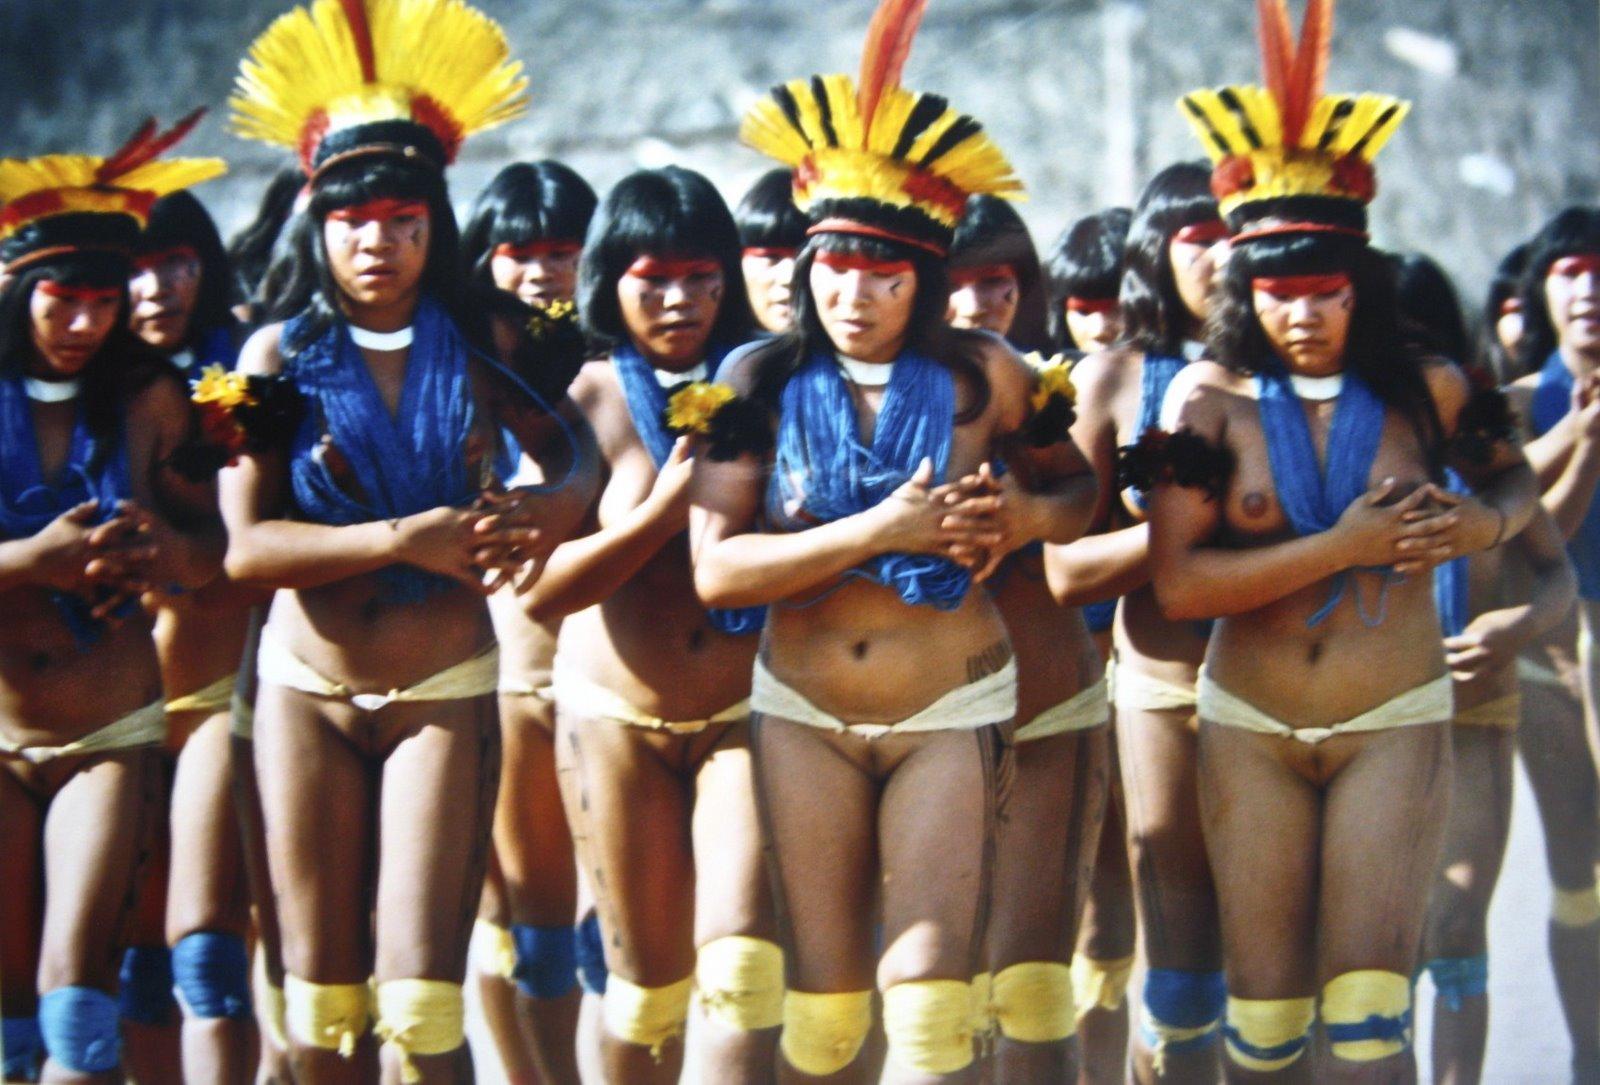 Секс с племенем фото 18 фотография